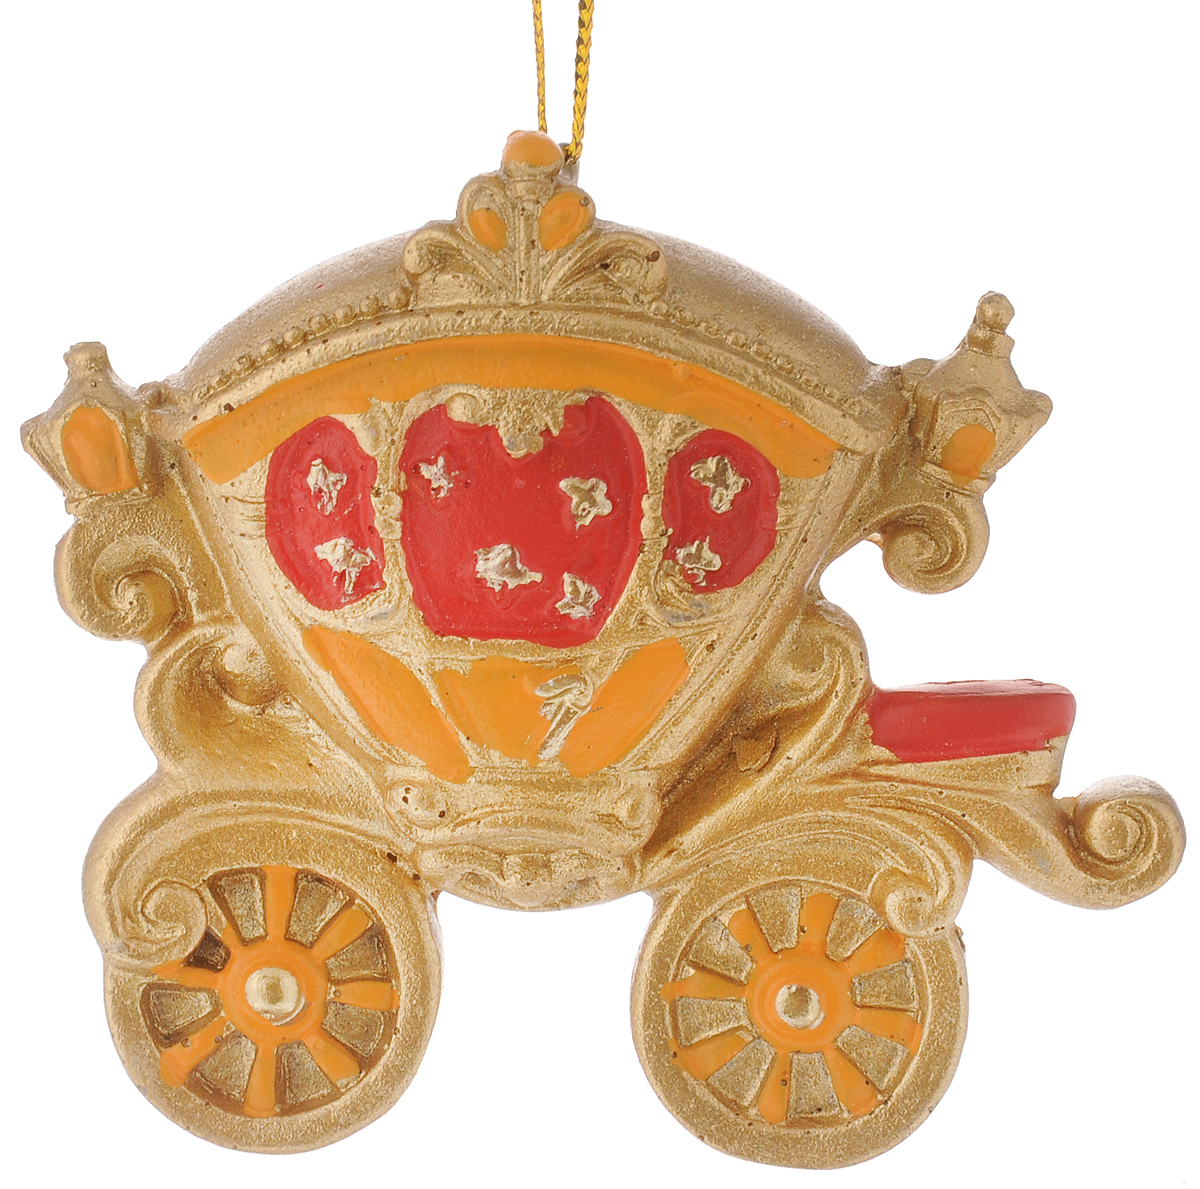 Украшение новогоднее подвесное Феникс-Презент Карета, высота 7 см127835Новогоднее украшение Феникс-Презент Карета отлично подойдет для декорации вашего дома и новогодней ели. Изделие выполнено из полирезины и оснащено специальной петелькой для подвешивания.Елочная игрушка - символ Нового года. Она несет в себе волшебство и красоту праздника. Создайте в своем доме атмосферу веселья и радости, украшая всей семьей новогоднюю елку нарядными игрушками, которые будут из года в год накапливать теплоту воспоминаний.Размер фигурки: 7 х 3 х 7 см.